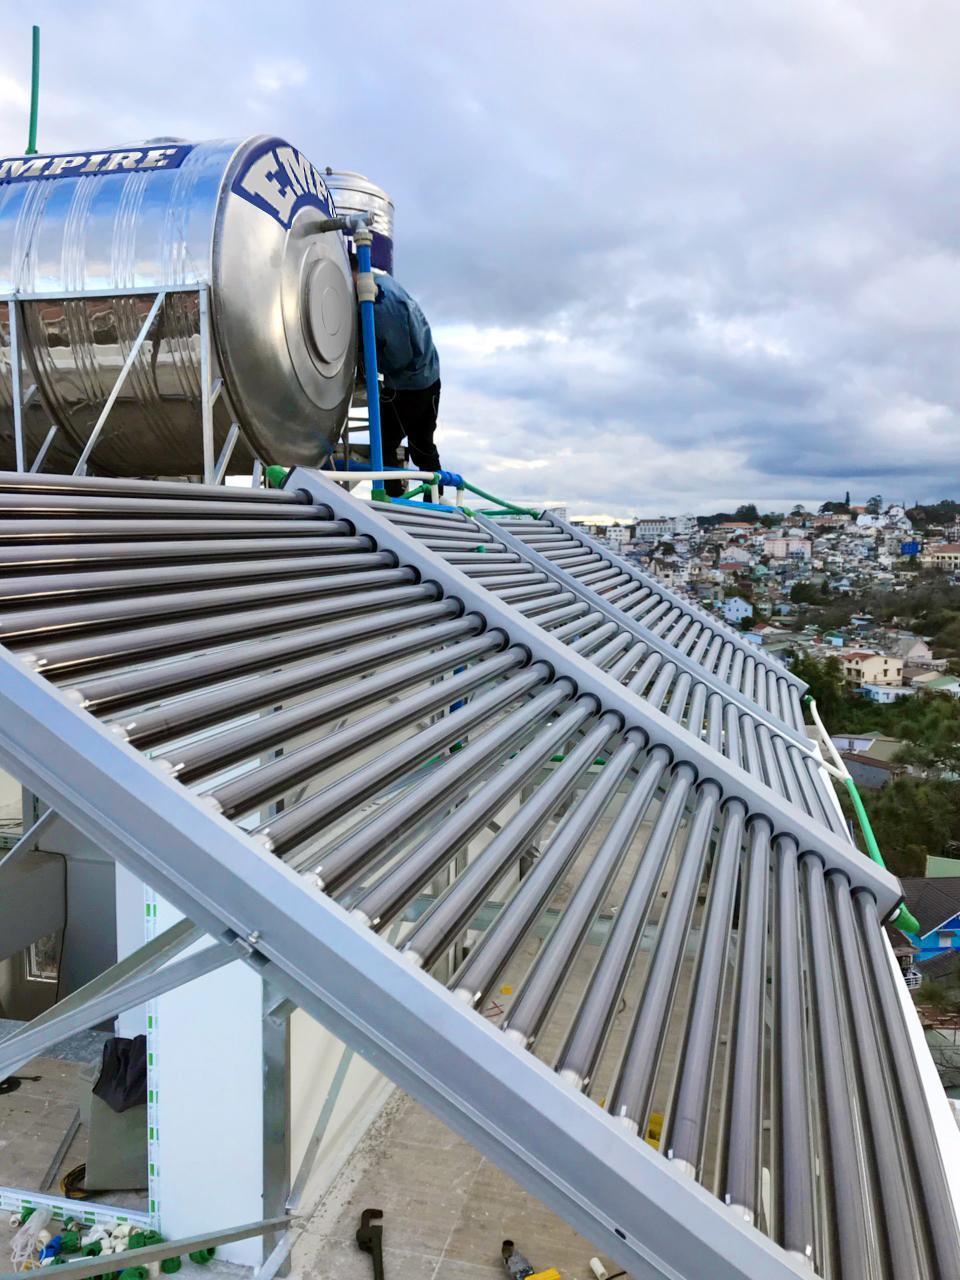 Máy nước nóng năng lượng mặt trời Empire - ảnh 1